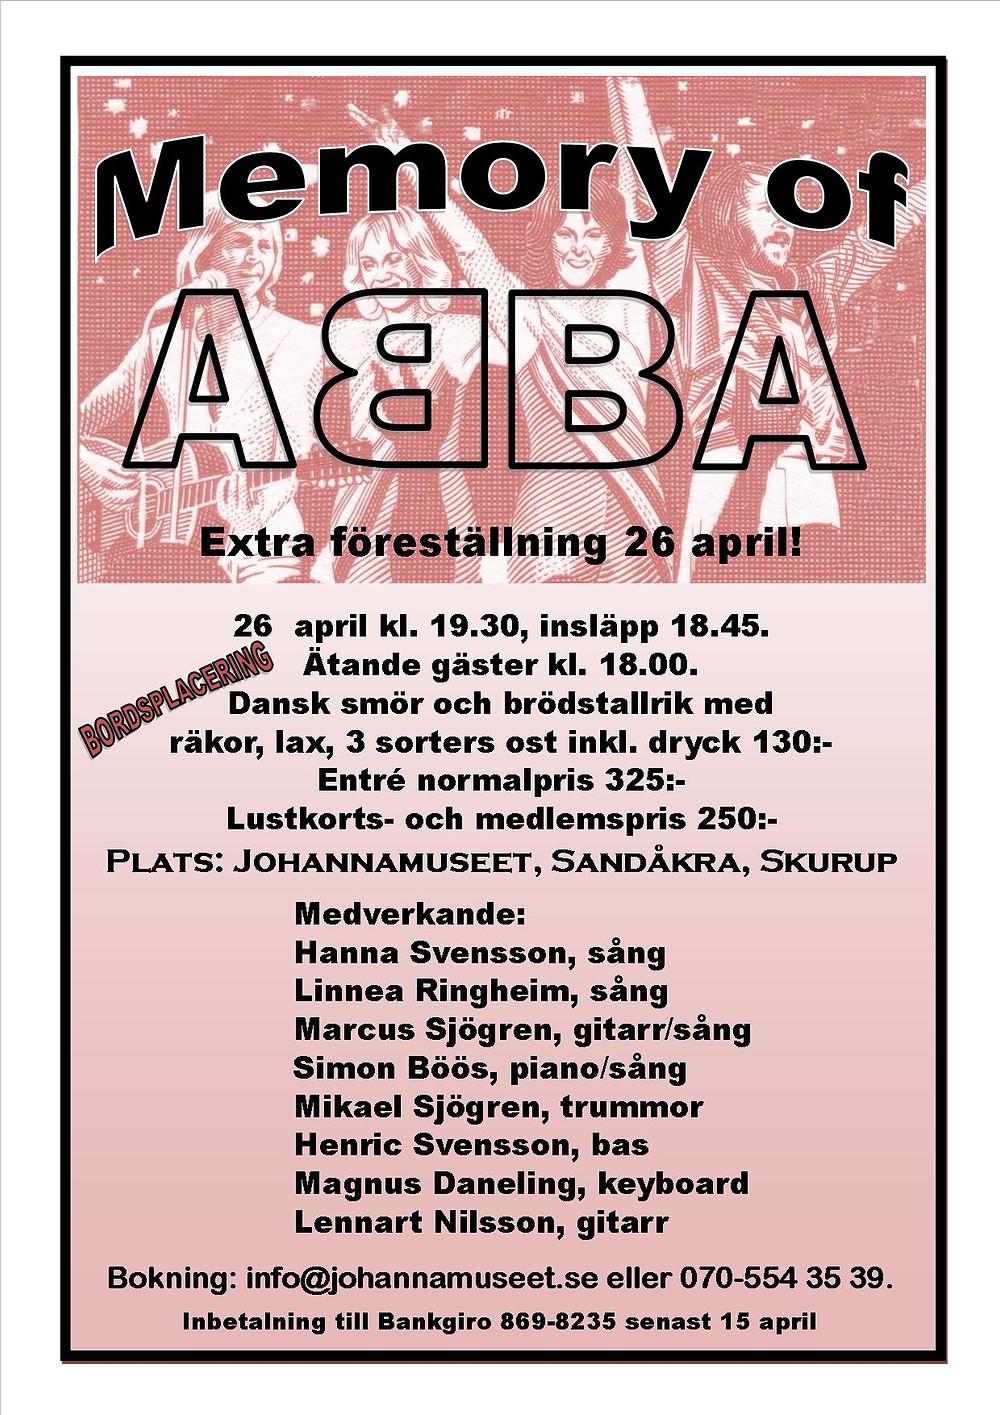 ABBA Johannamuseet Sydkusten Skåne